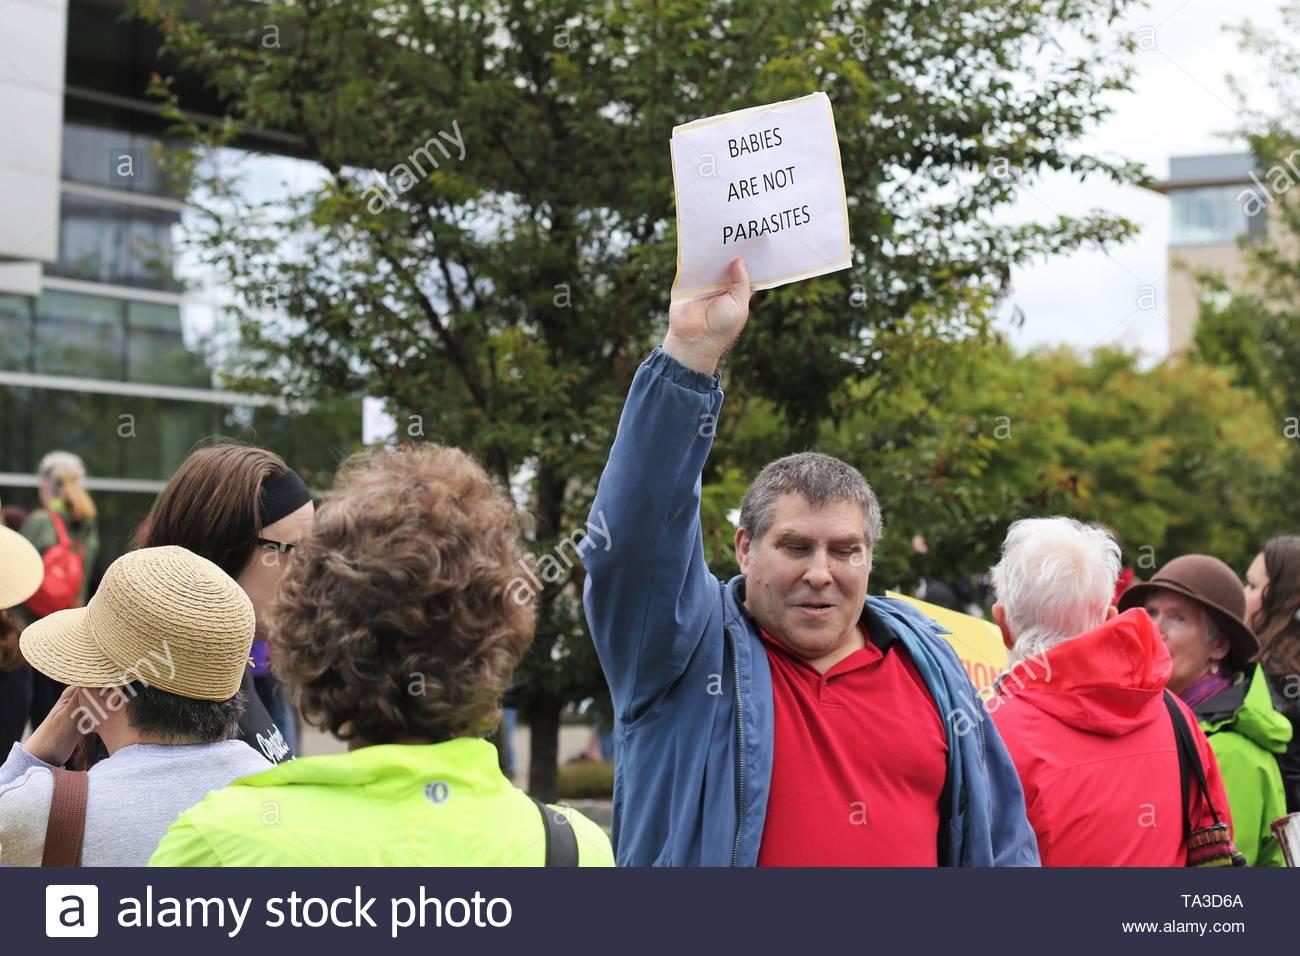 Ein männlicher Zähler Demonstrant hält ein Schild bei einem Protest gegen die Abtreibung verbietet, Eugene, Oregon, USA. Stockbild